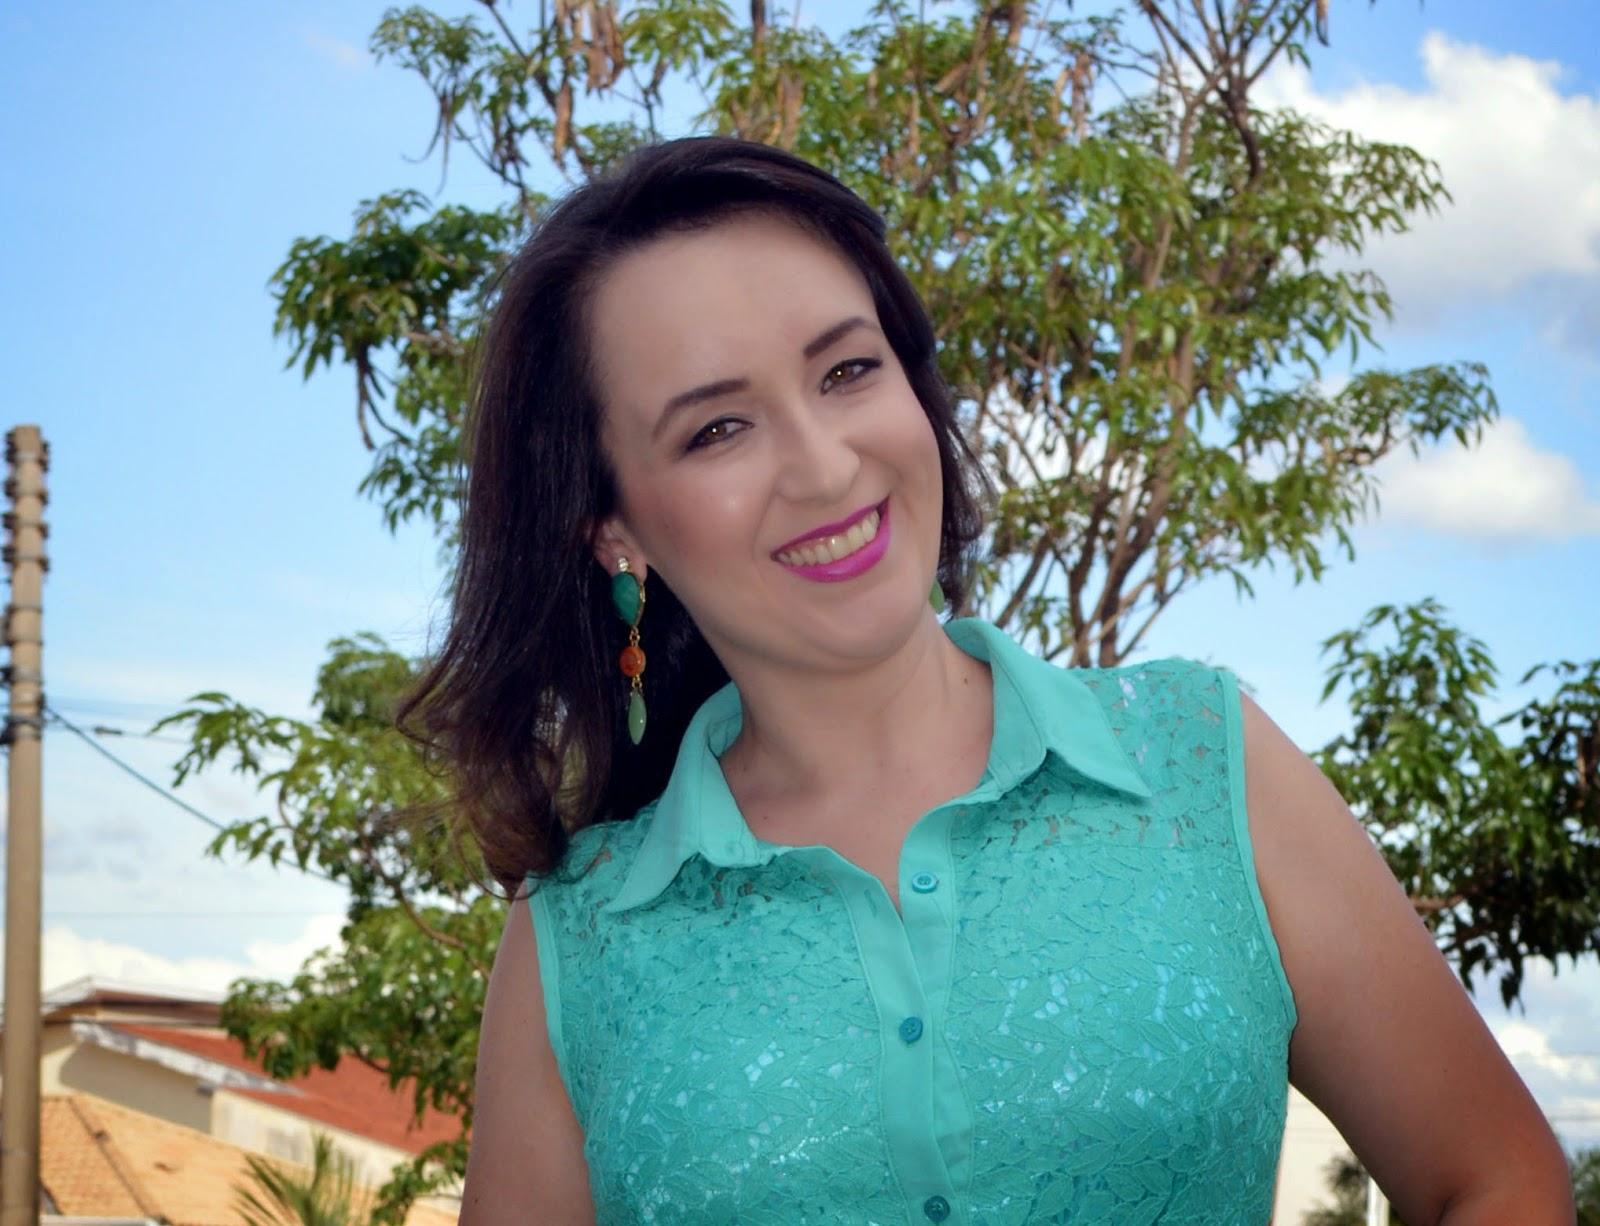 vestido renda verde, lalilu modas, blog camila andrade, blog de moda de ribeirão preto, look do dia, inspiração de look, fashion blogger